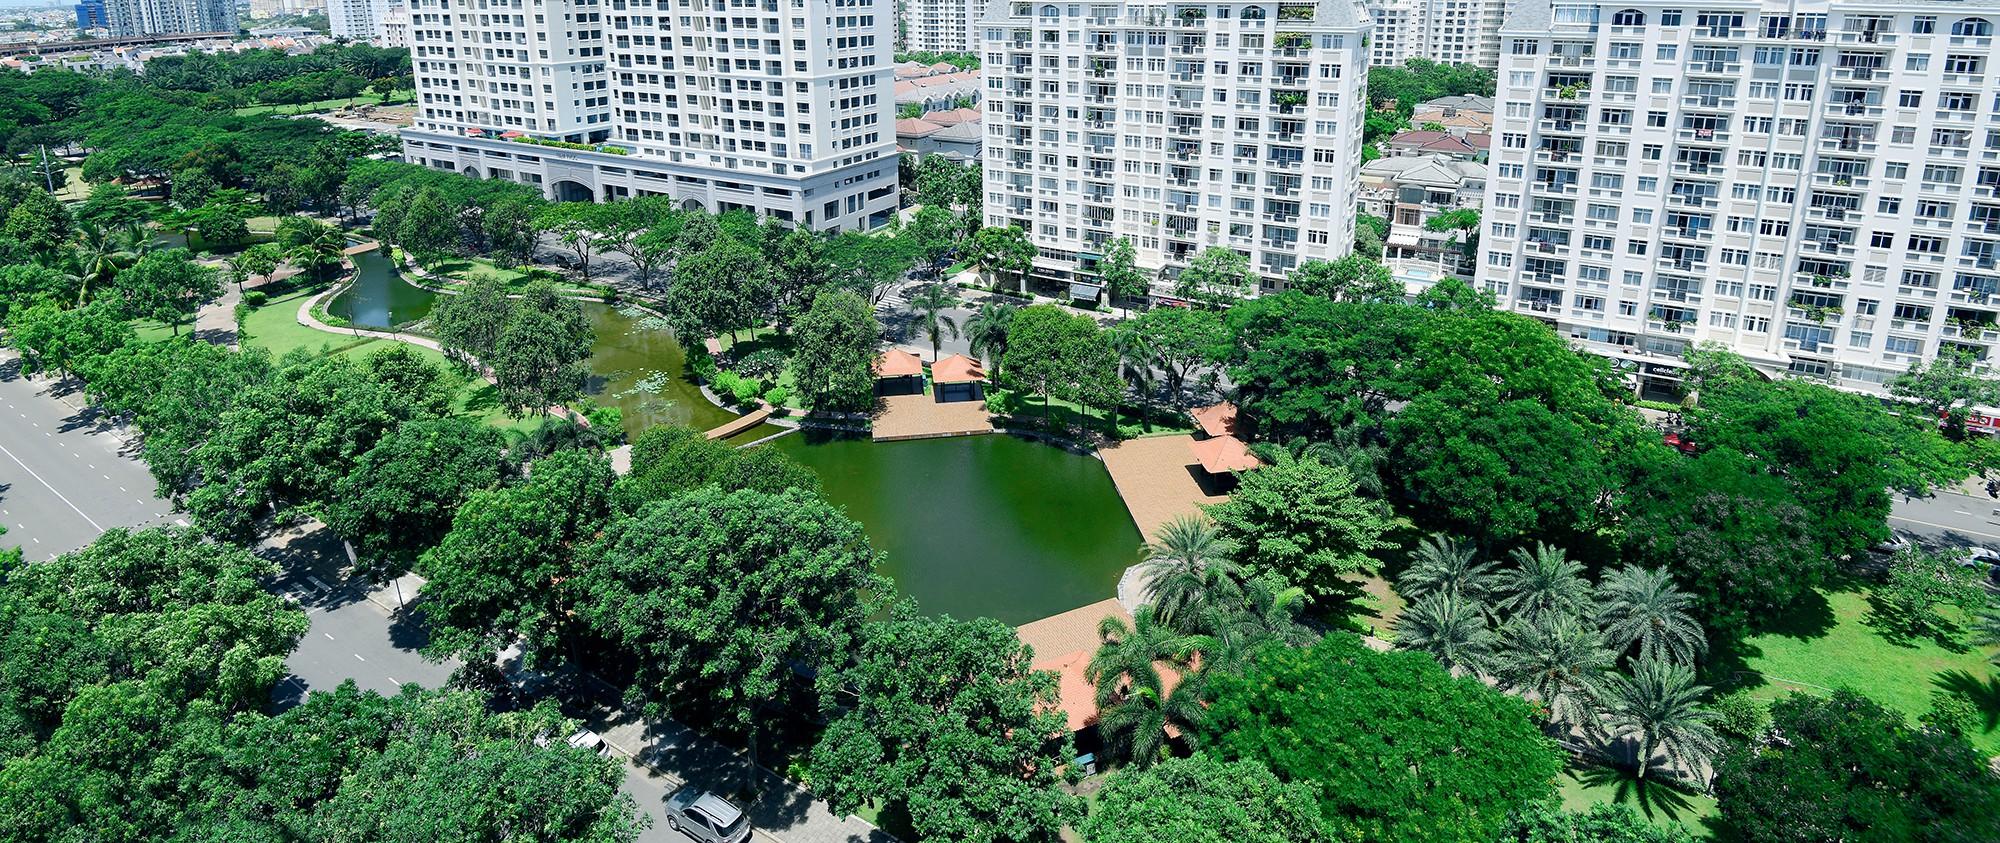 Phú Mỹ Hưng và bài toán định hình khái niệm bất động sản cao cấp riêng biệt - Ảnh 3.